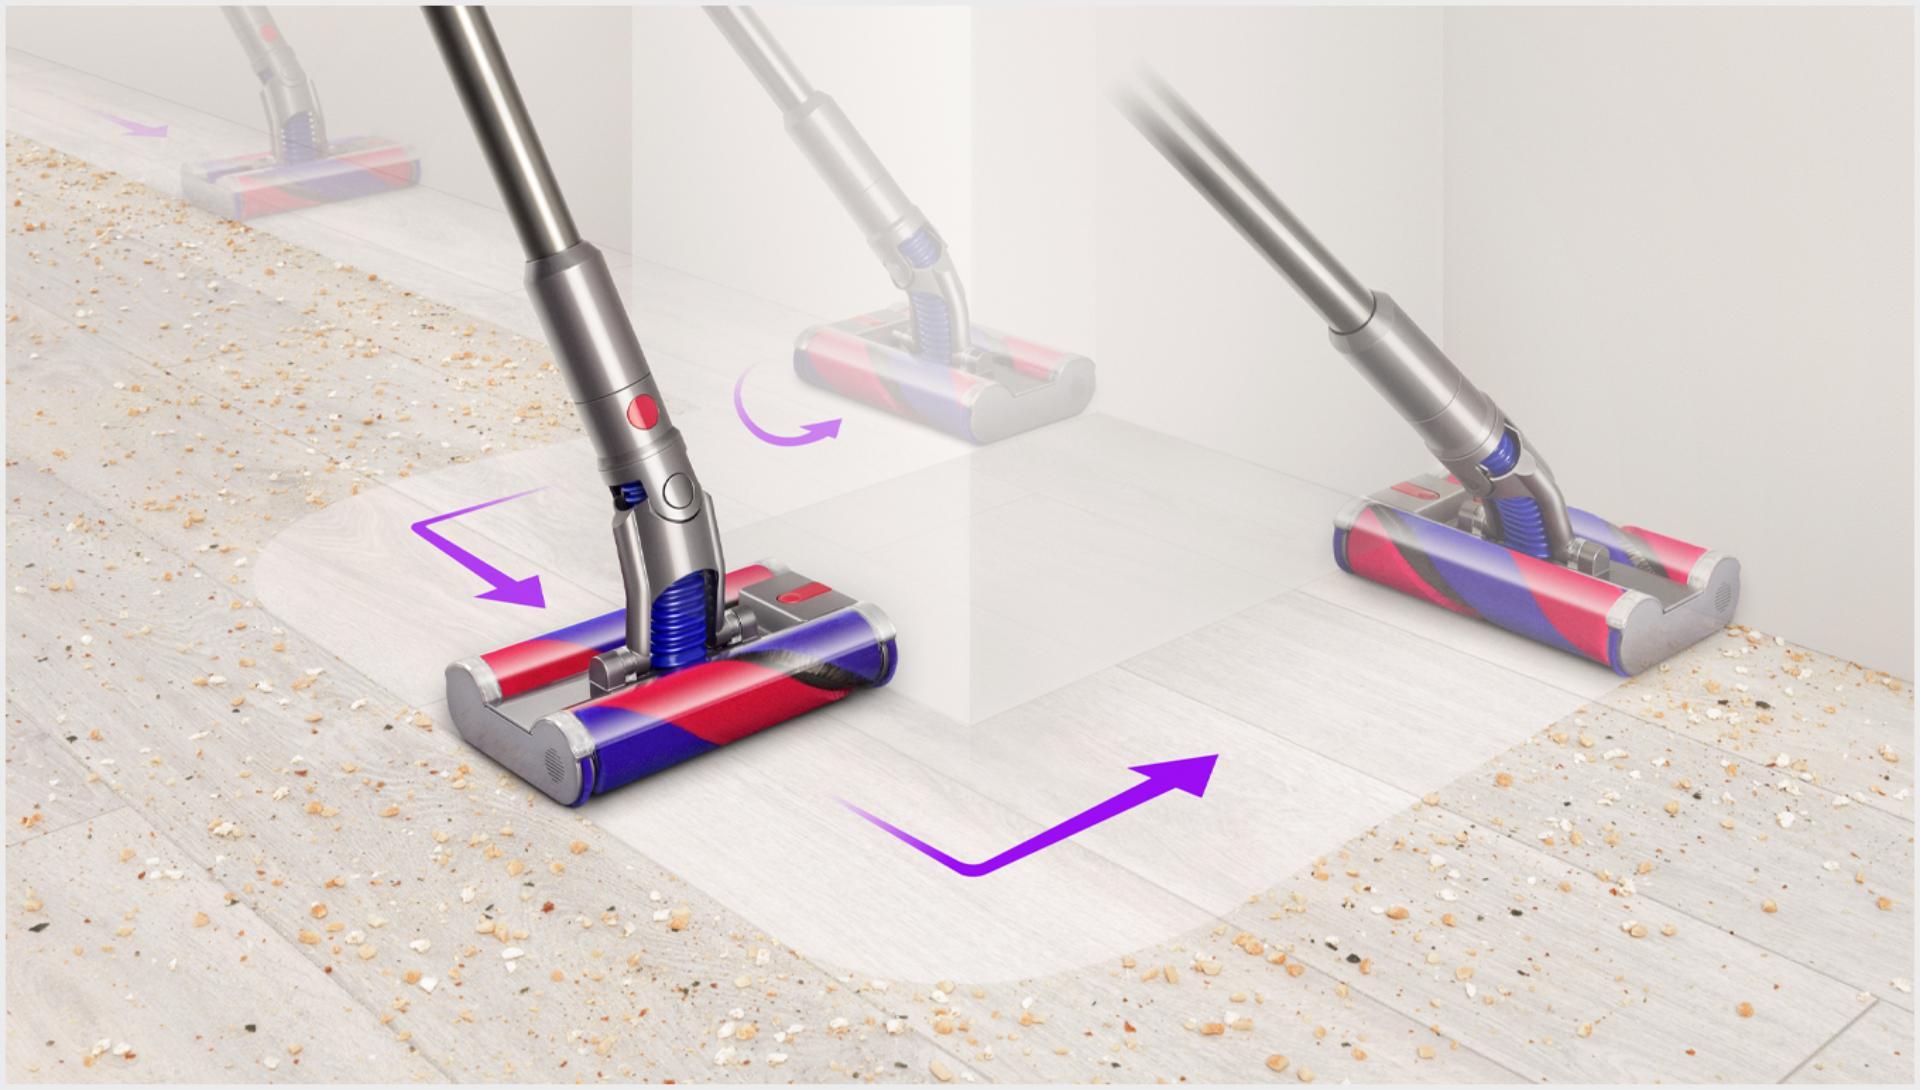 장애물을 피해 다이슨 옴니-글라이드™ 무선 청소기를 제어하는 모습.